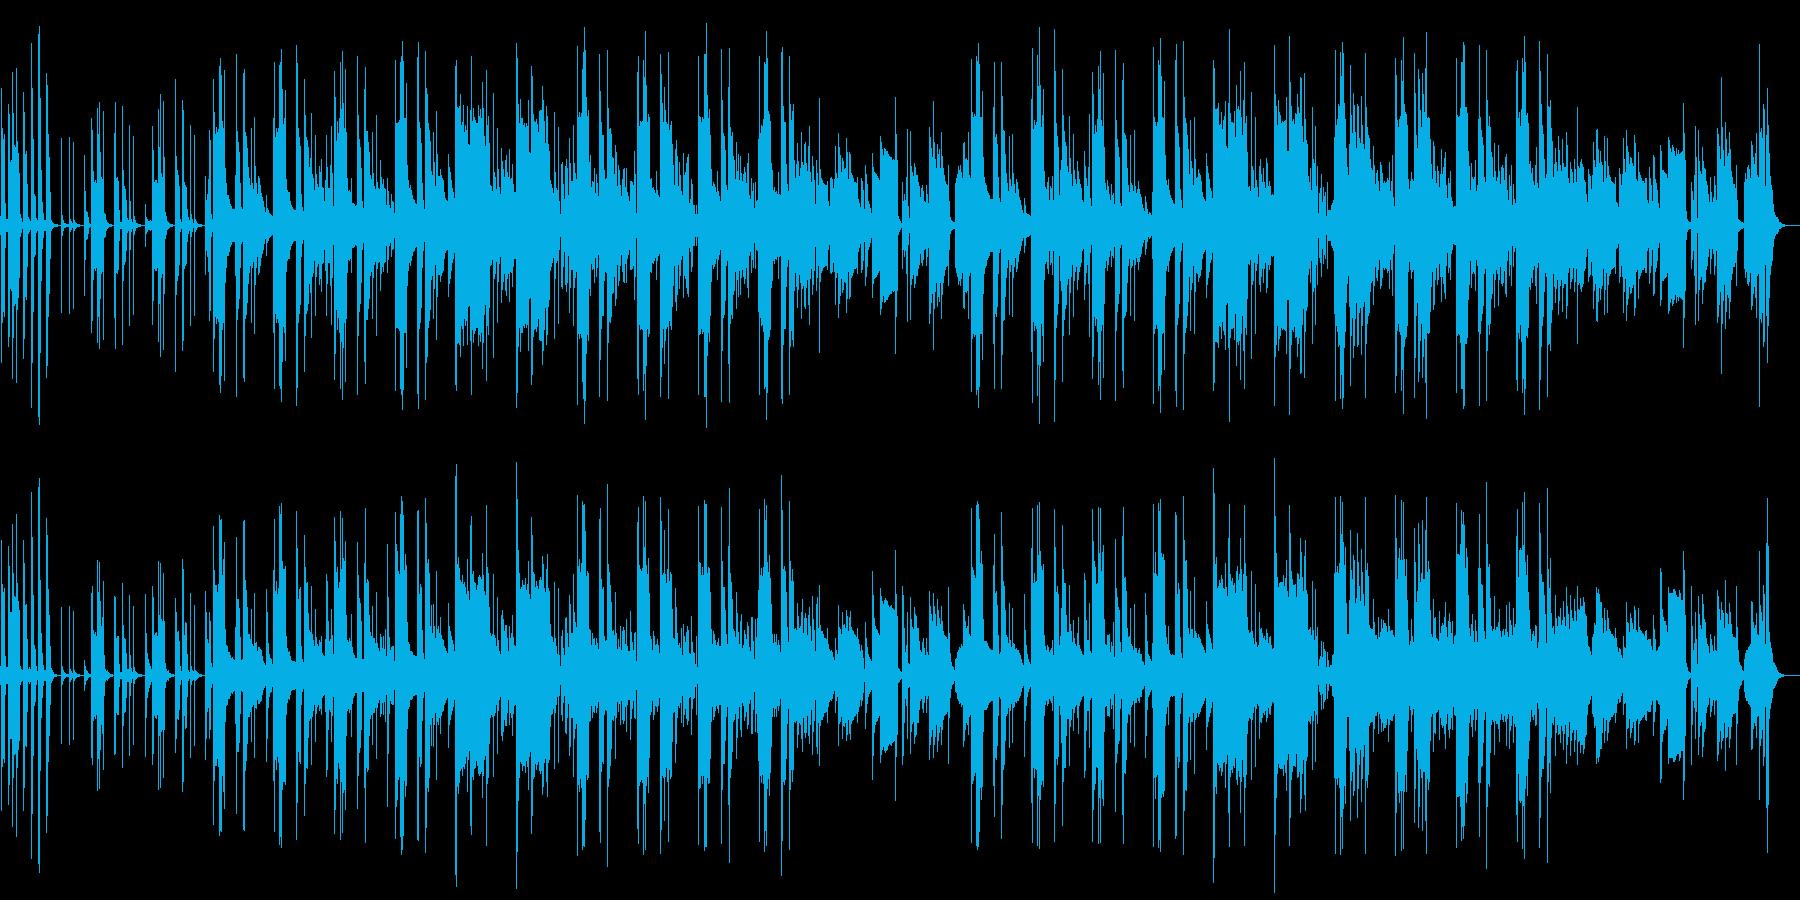 リコーダーのまぬけな日常会話シーン劇伴の再生済みの波形